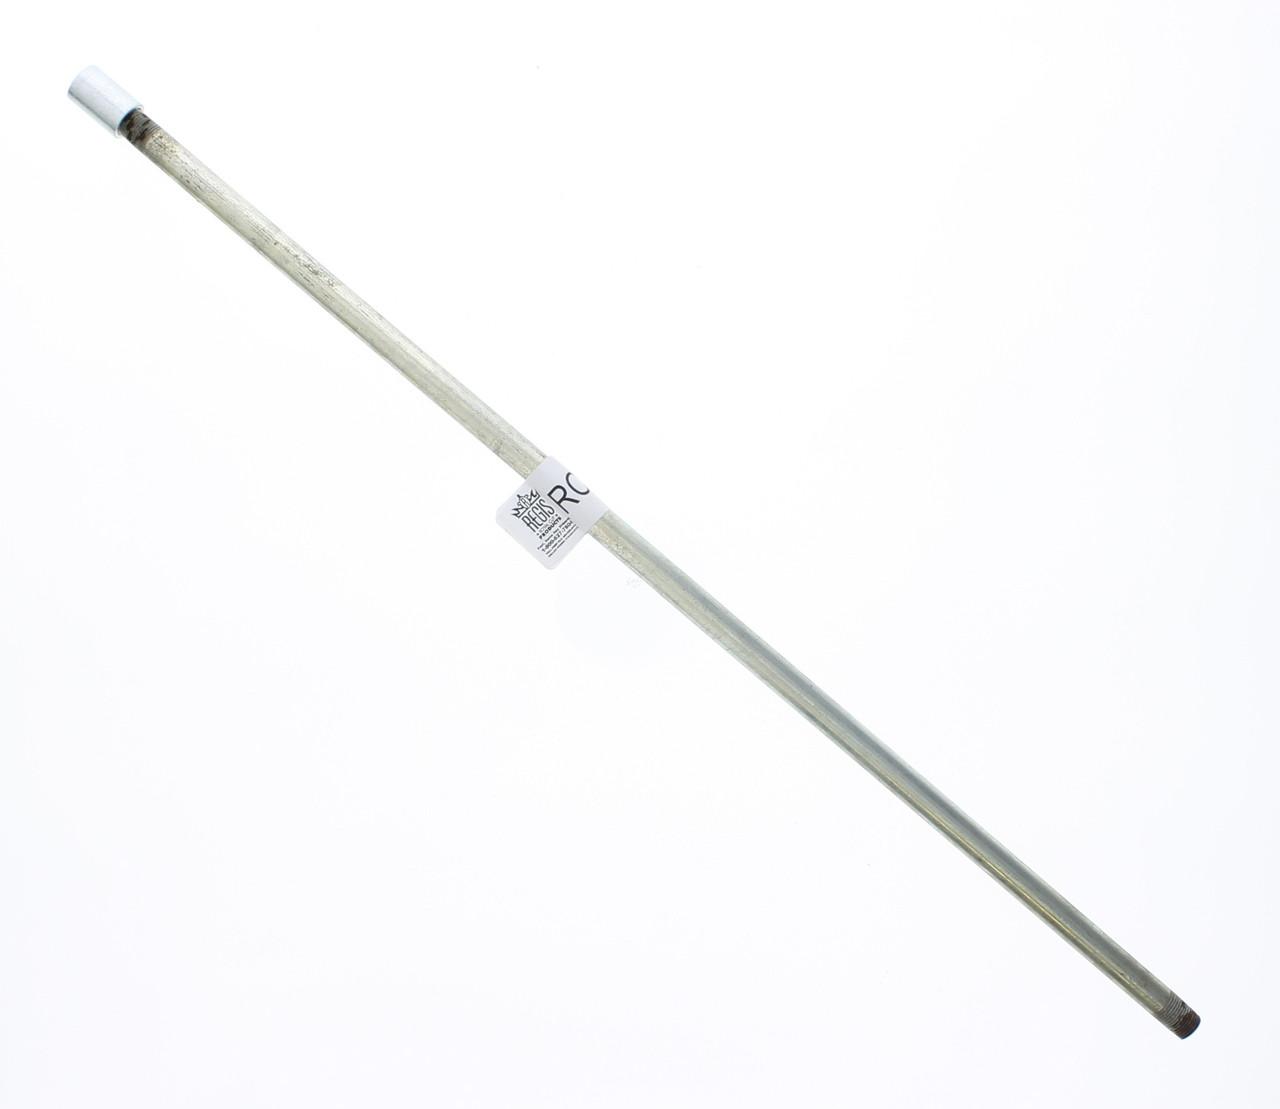 1 NEW  5mm 180 grit Flexible Hone Bore Diameter Ball Flex Valve Guide